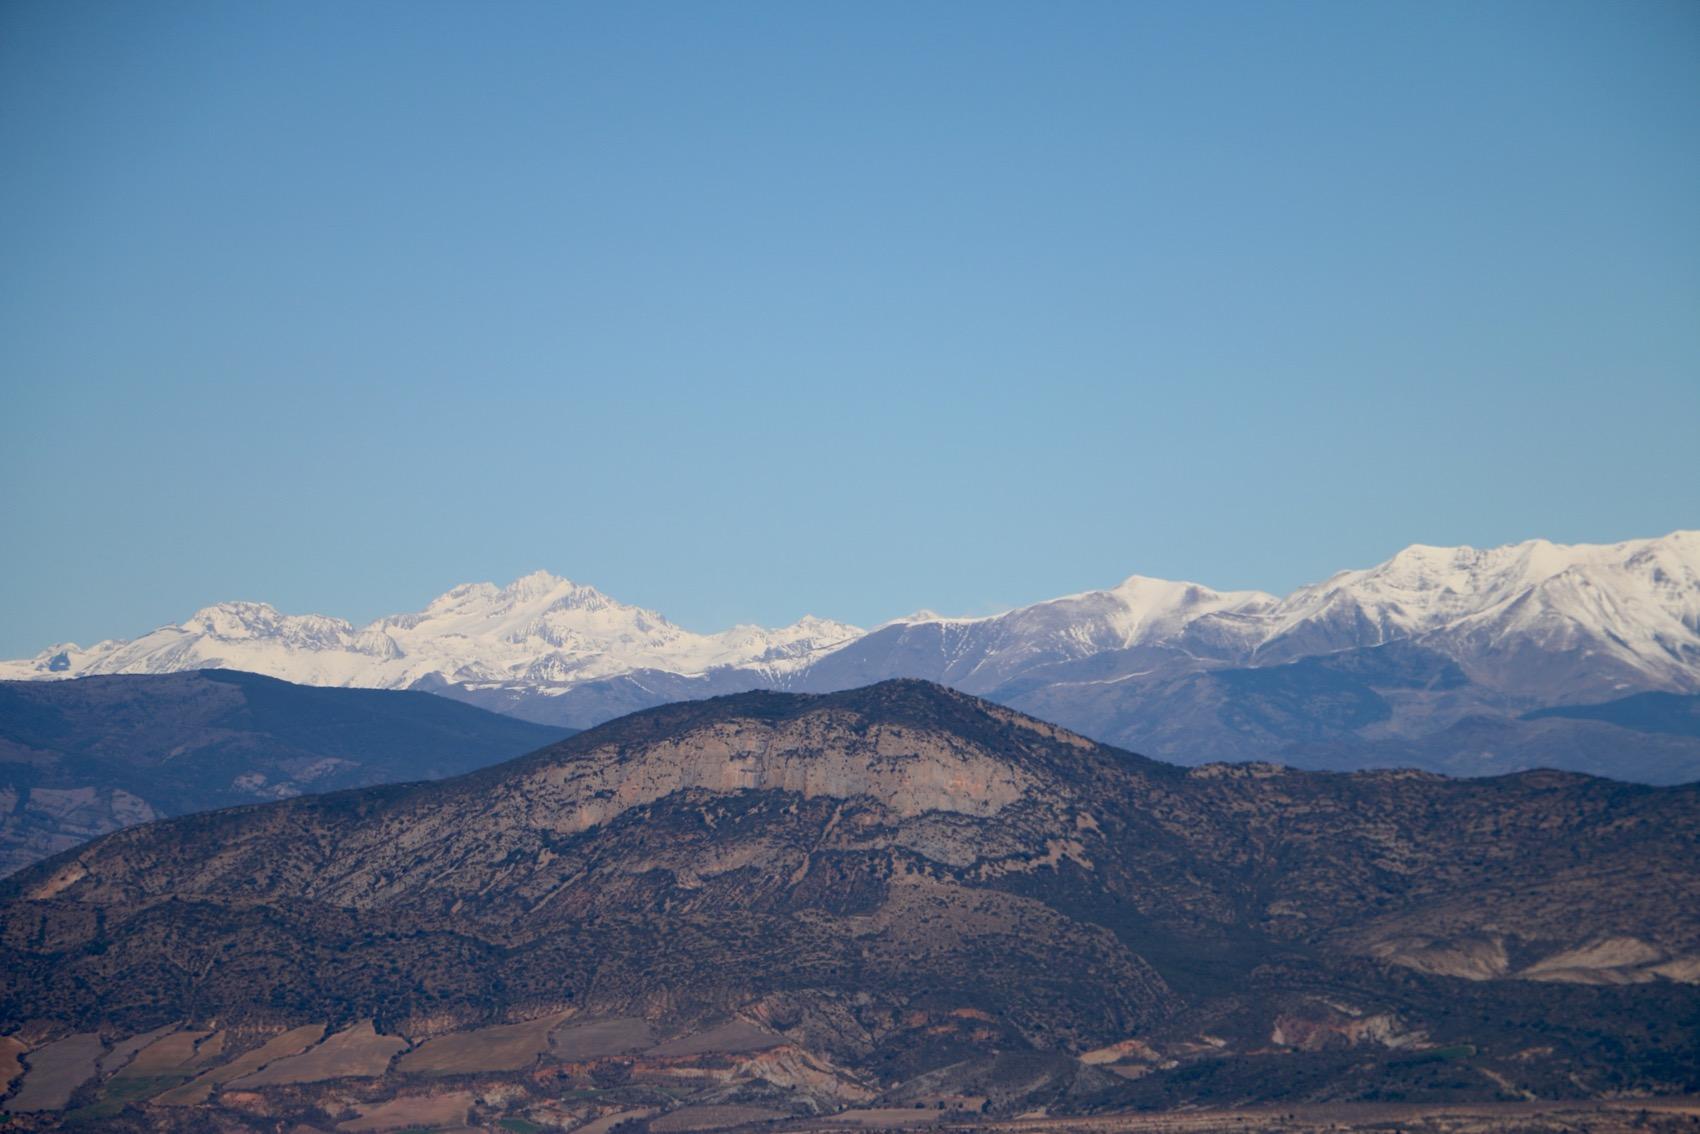 Visió desde la serra del Montsec(Coll de comiols).